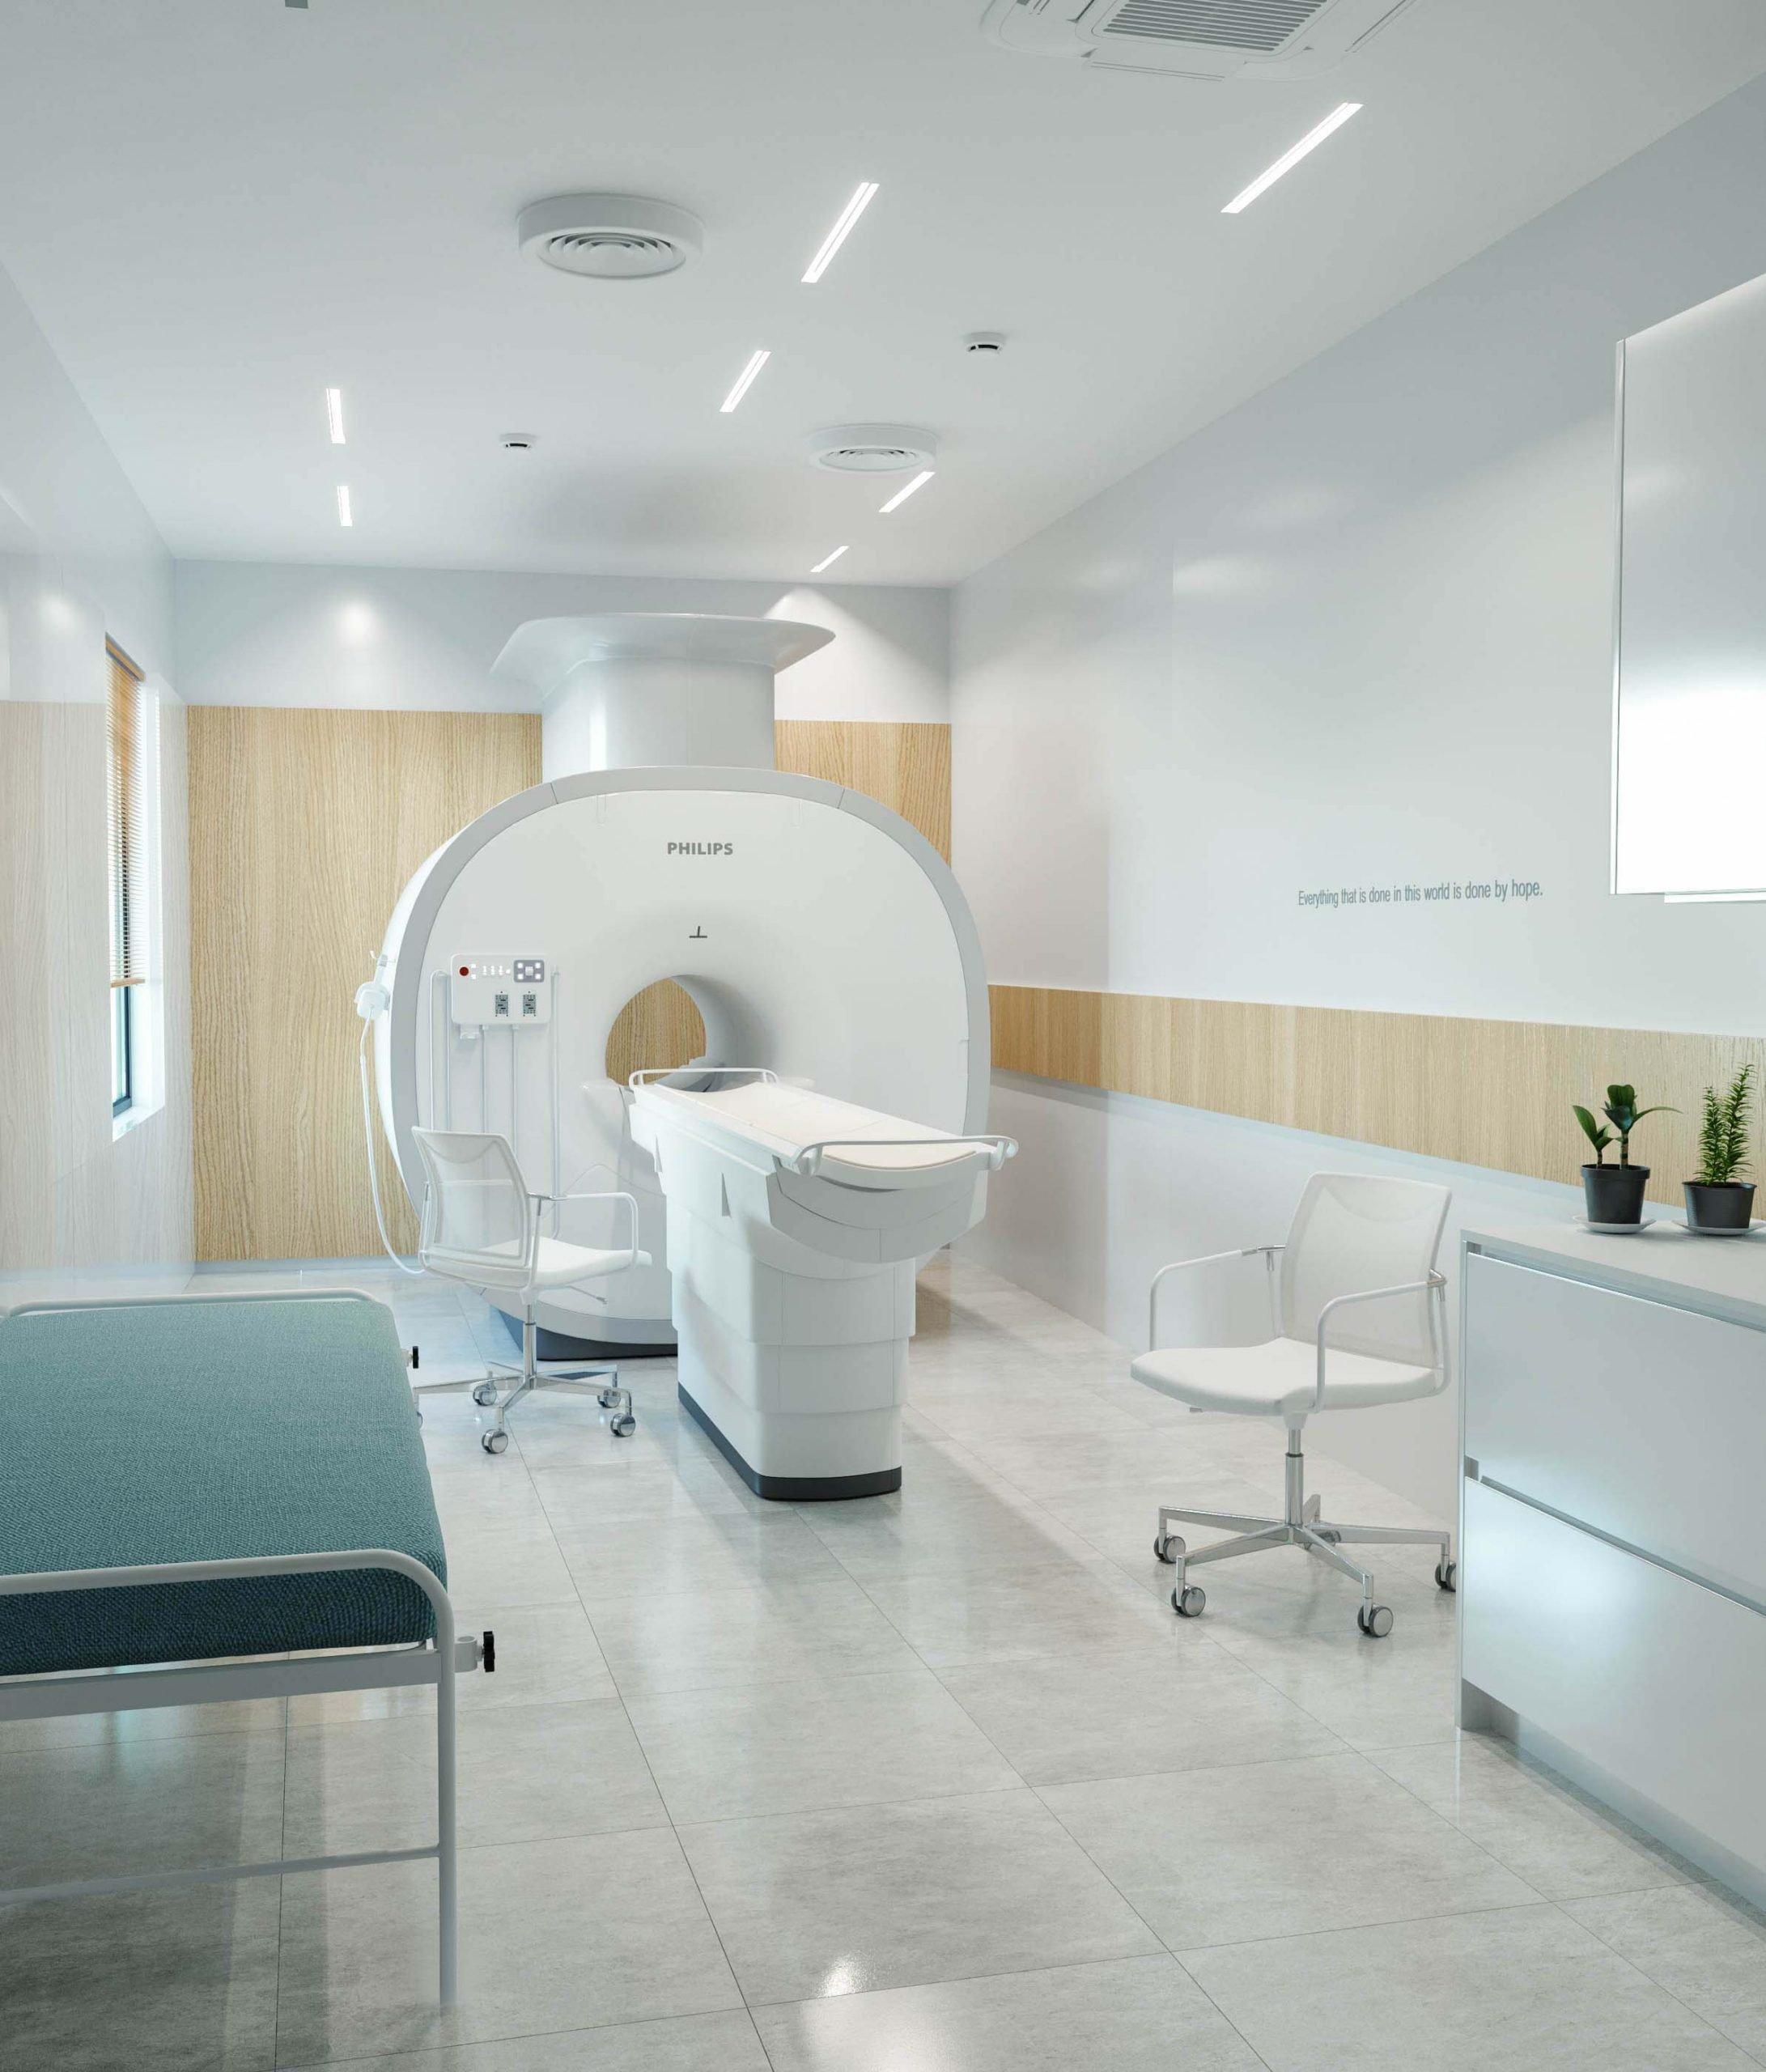 https://dprostudio.com/wp-content/uploads/2020/11/dpro-medical-render-2-scaled.jpg